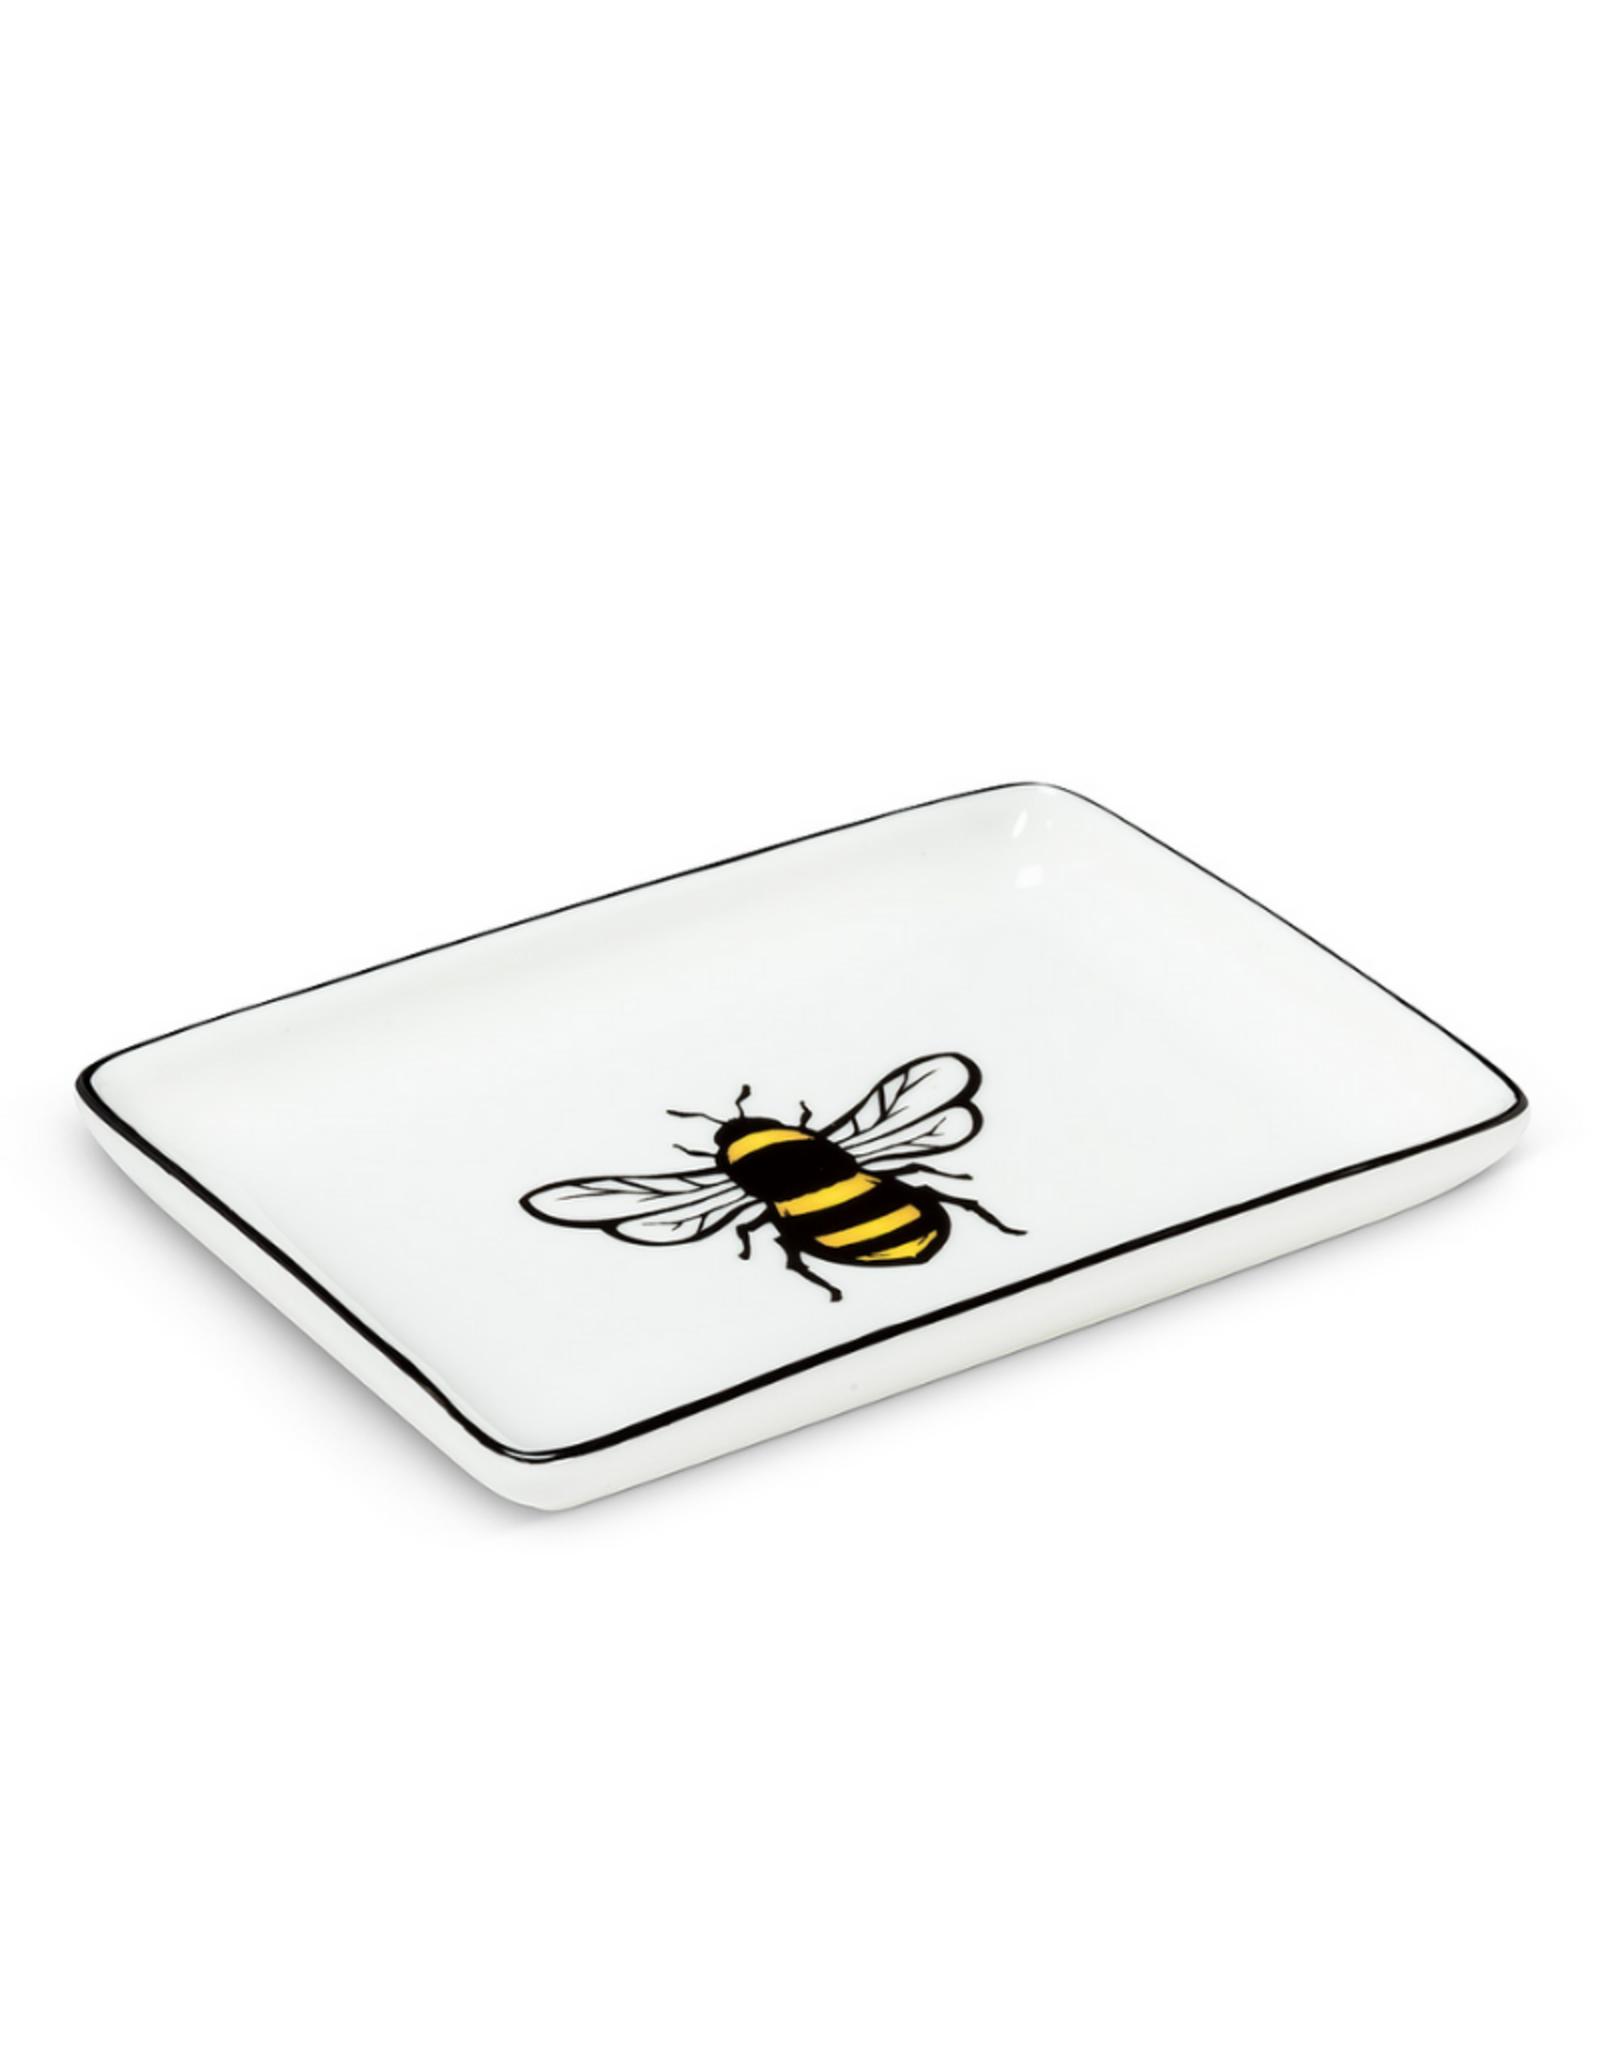 Abbott Petite assiette rectangle avec abeille